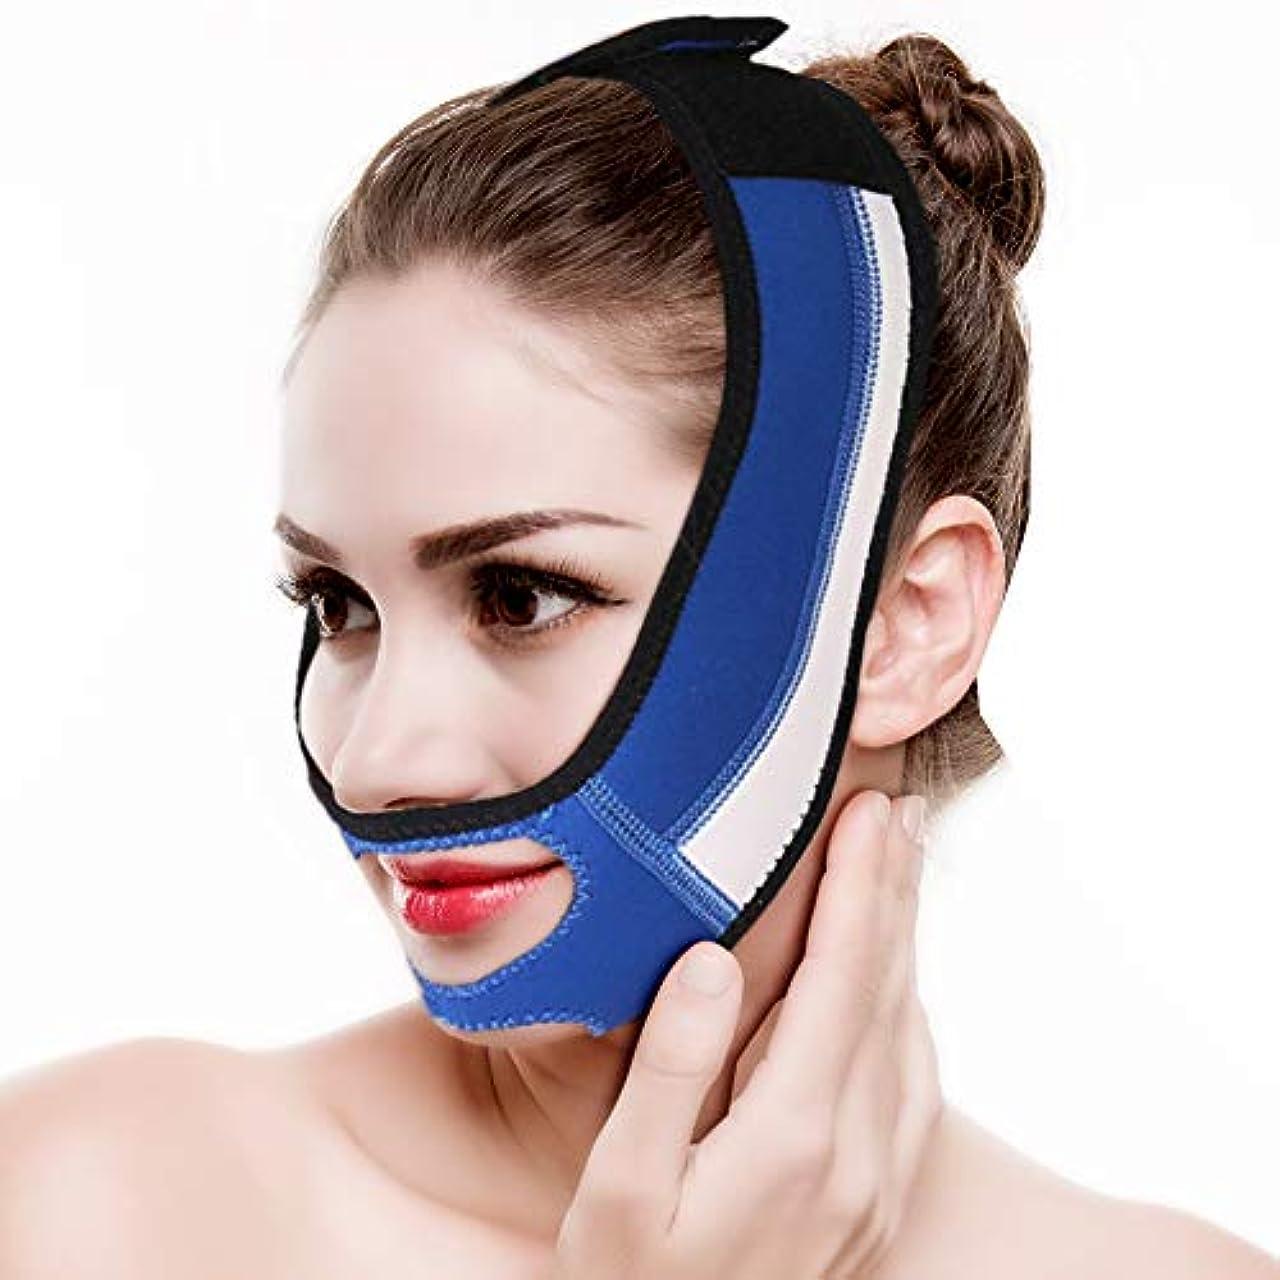 テンポそれ無効にするSemme顔の細くマスクの上昇の表面ベルトは皮の包帯を調節します、二重あごは調節可能な減量の包帯を取除きます